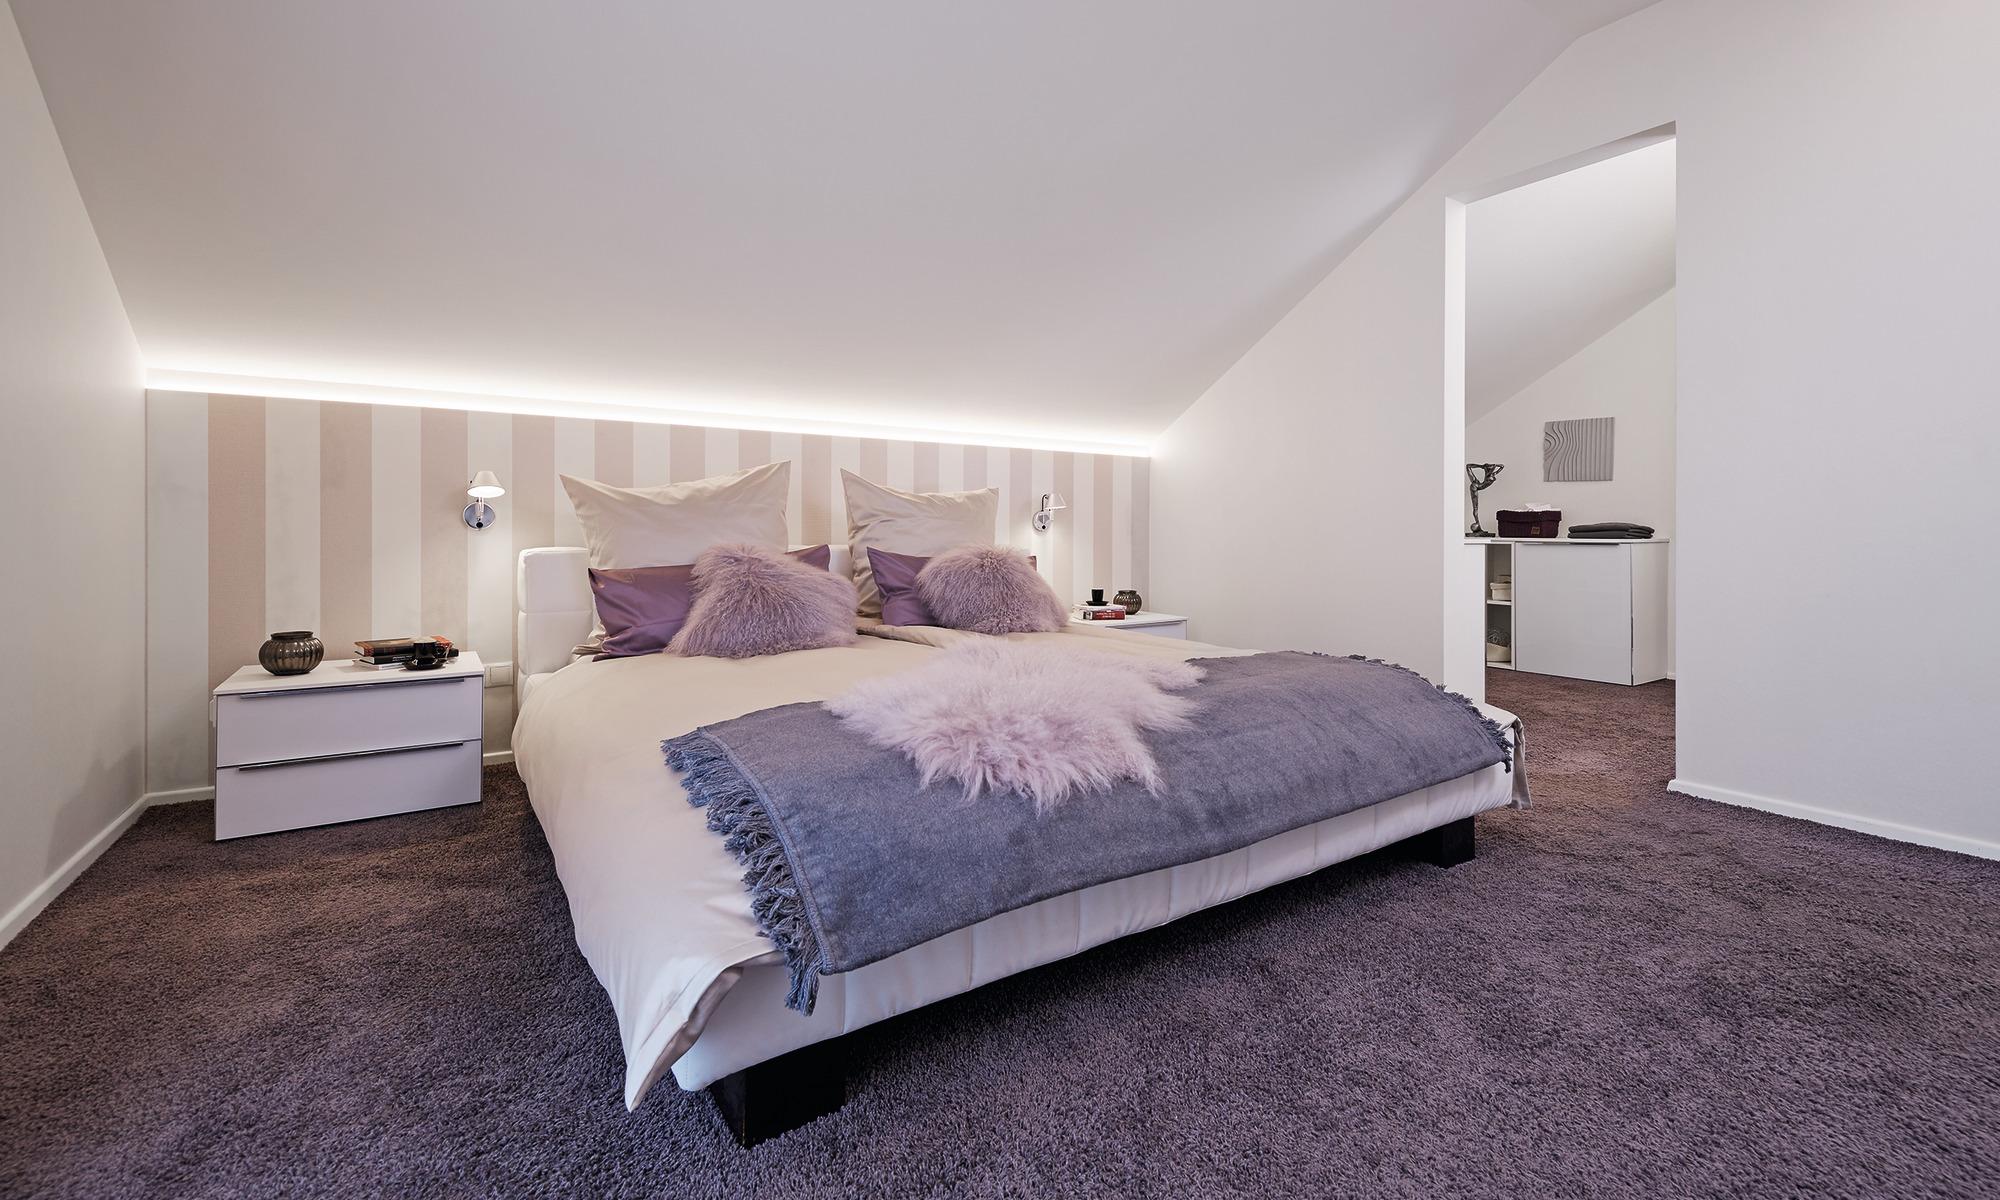 modernes Schlafzimmer mit Wandbeleuchtung